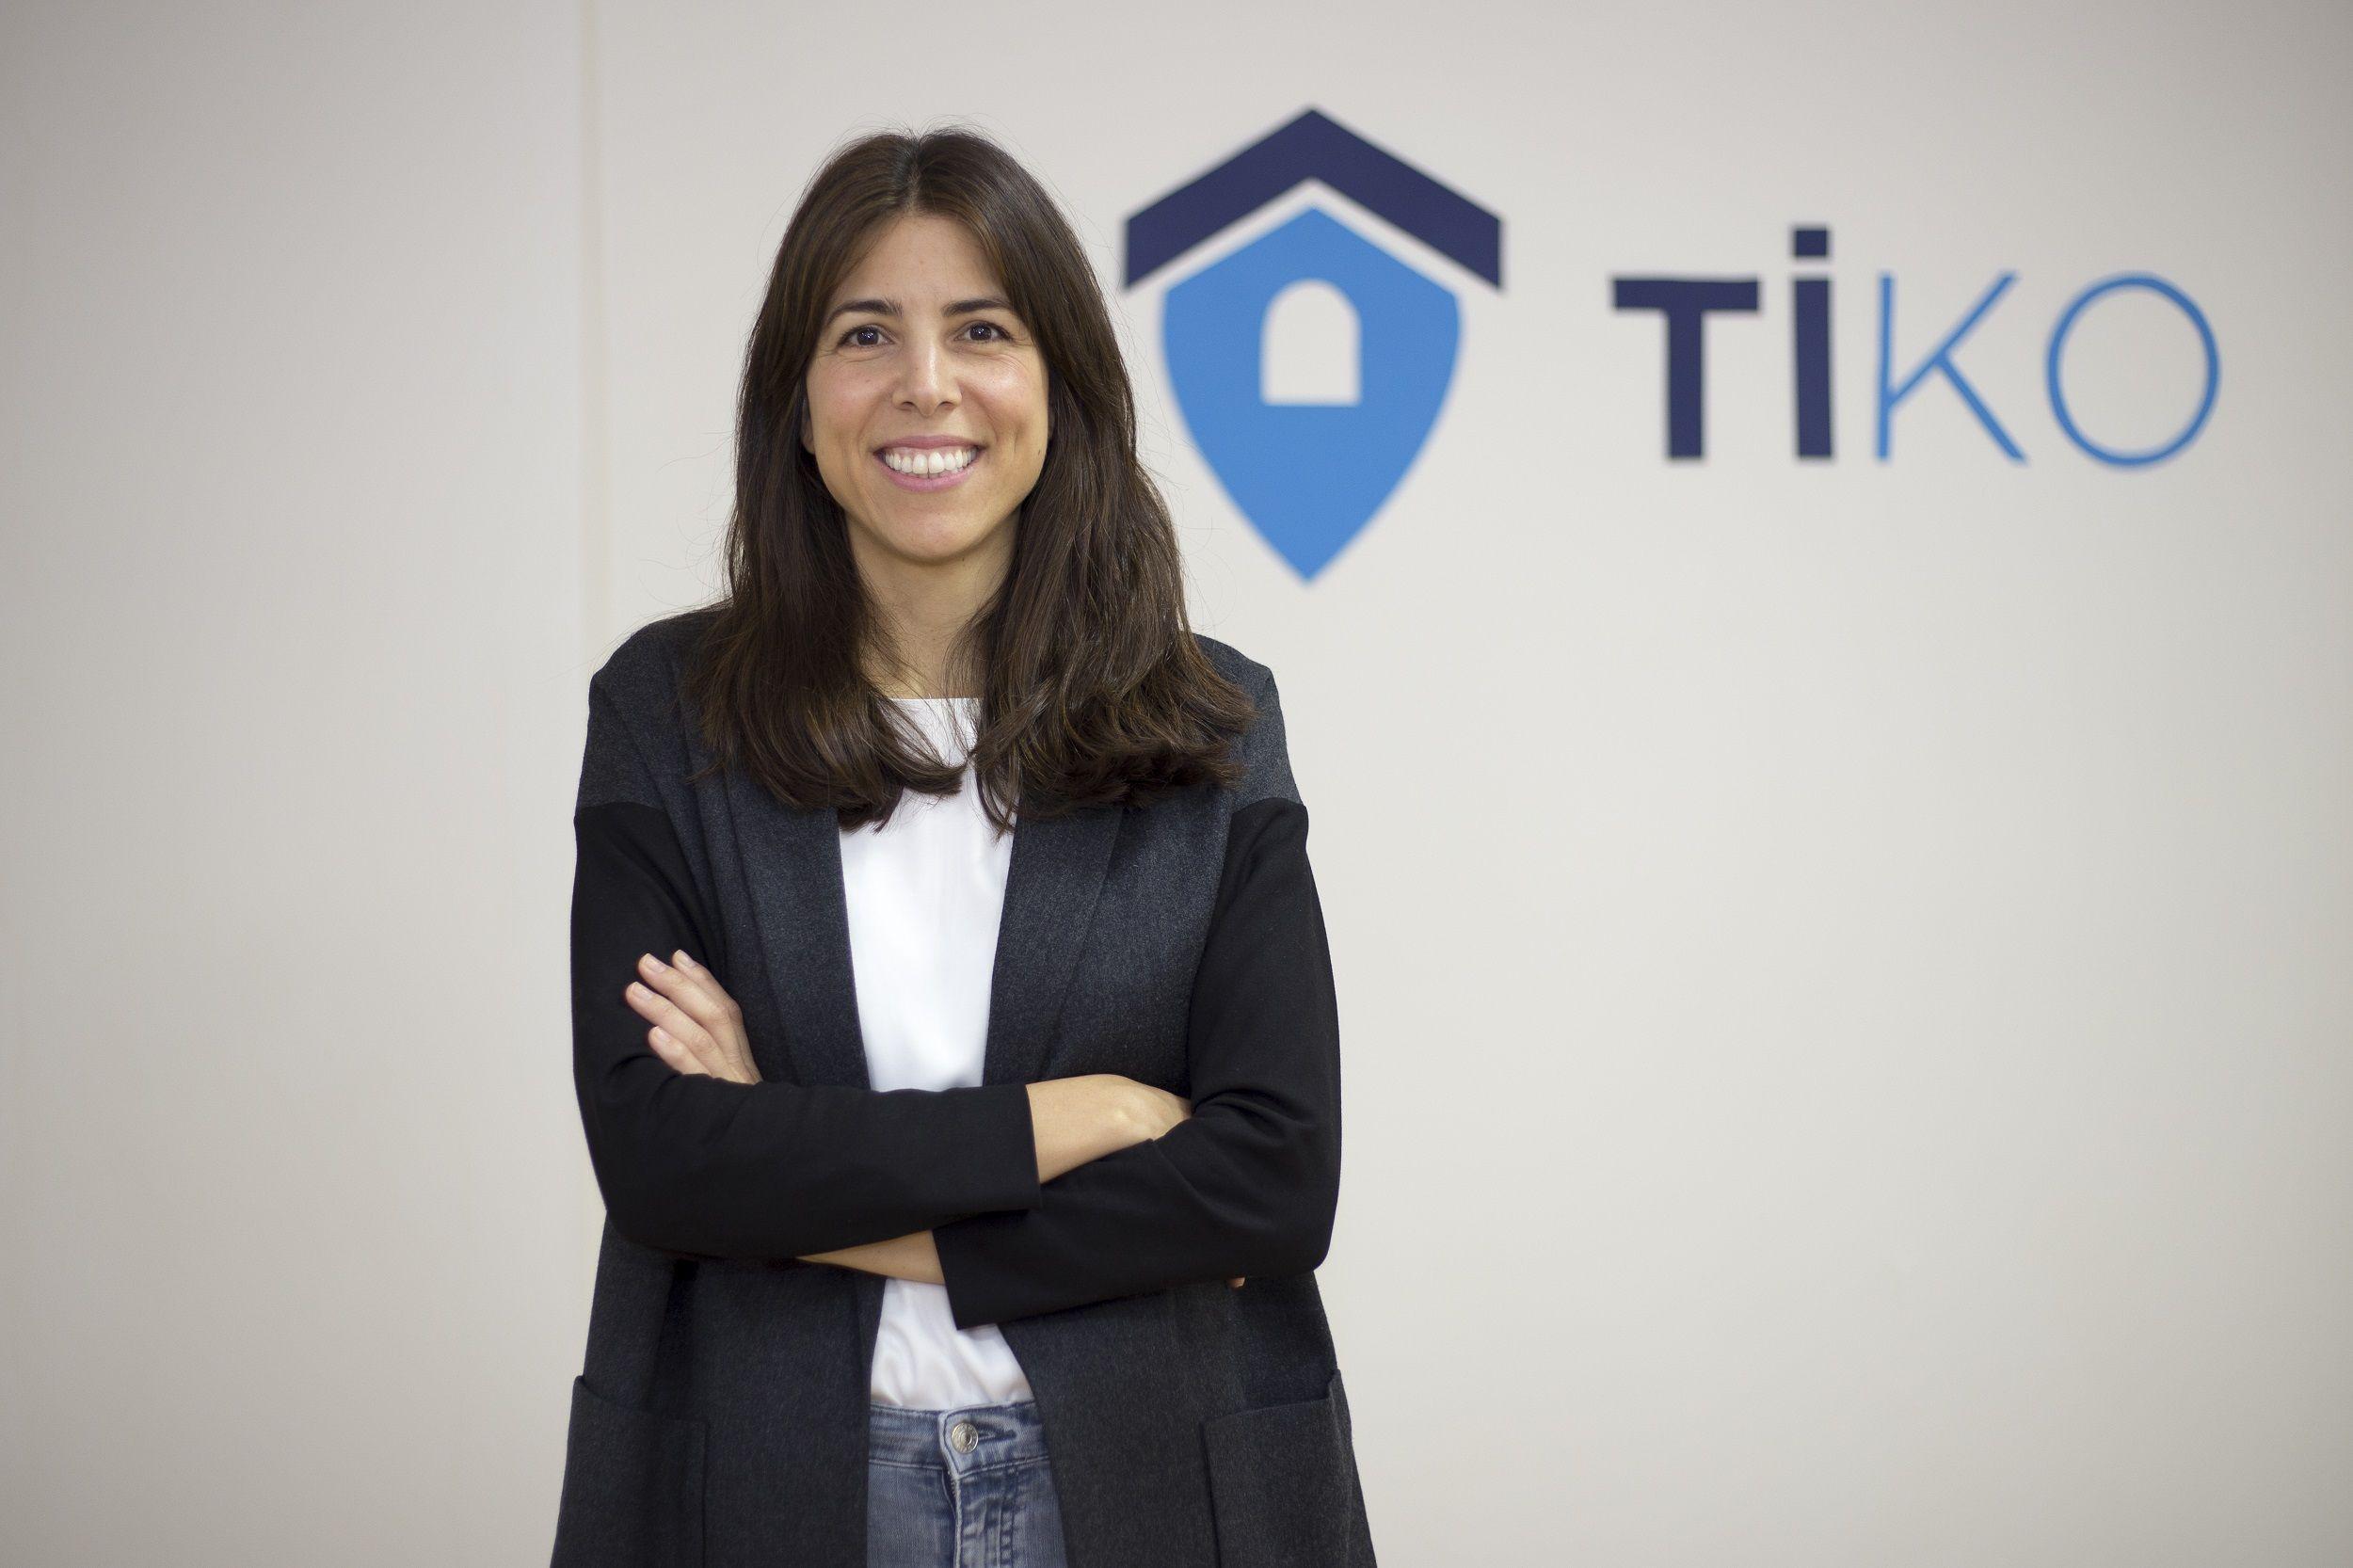 Foto de Ana Villanueva, CEO de Tiko